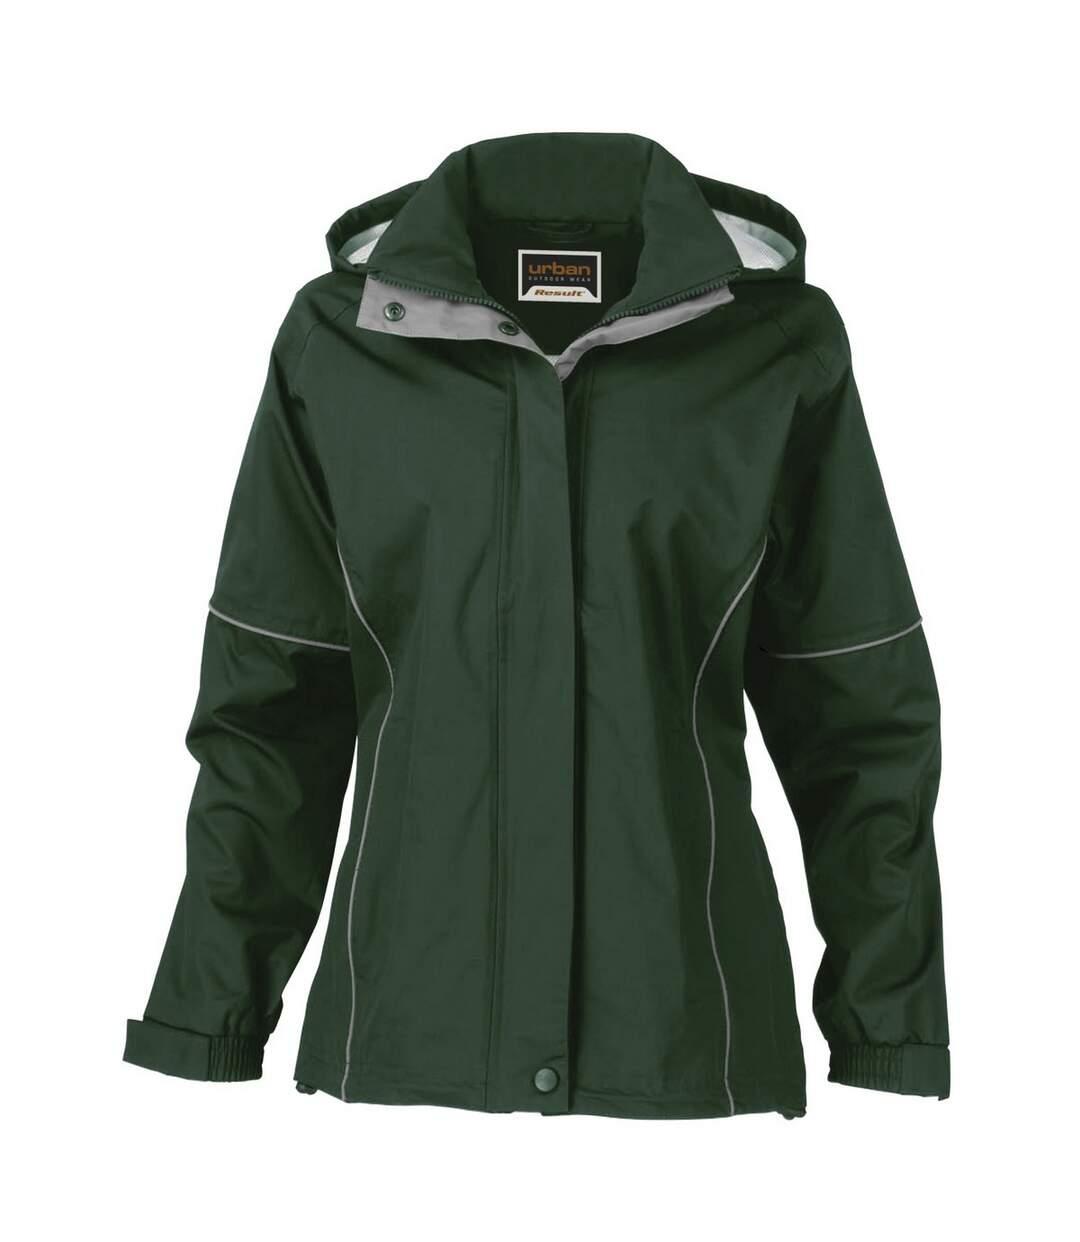 Result Womens/Ladies Urban Outdoor La Femme® Lightweight Technical Jacket (Waterproof & Windproof) (Black) - UTRW3243